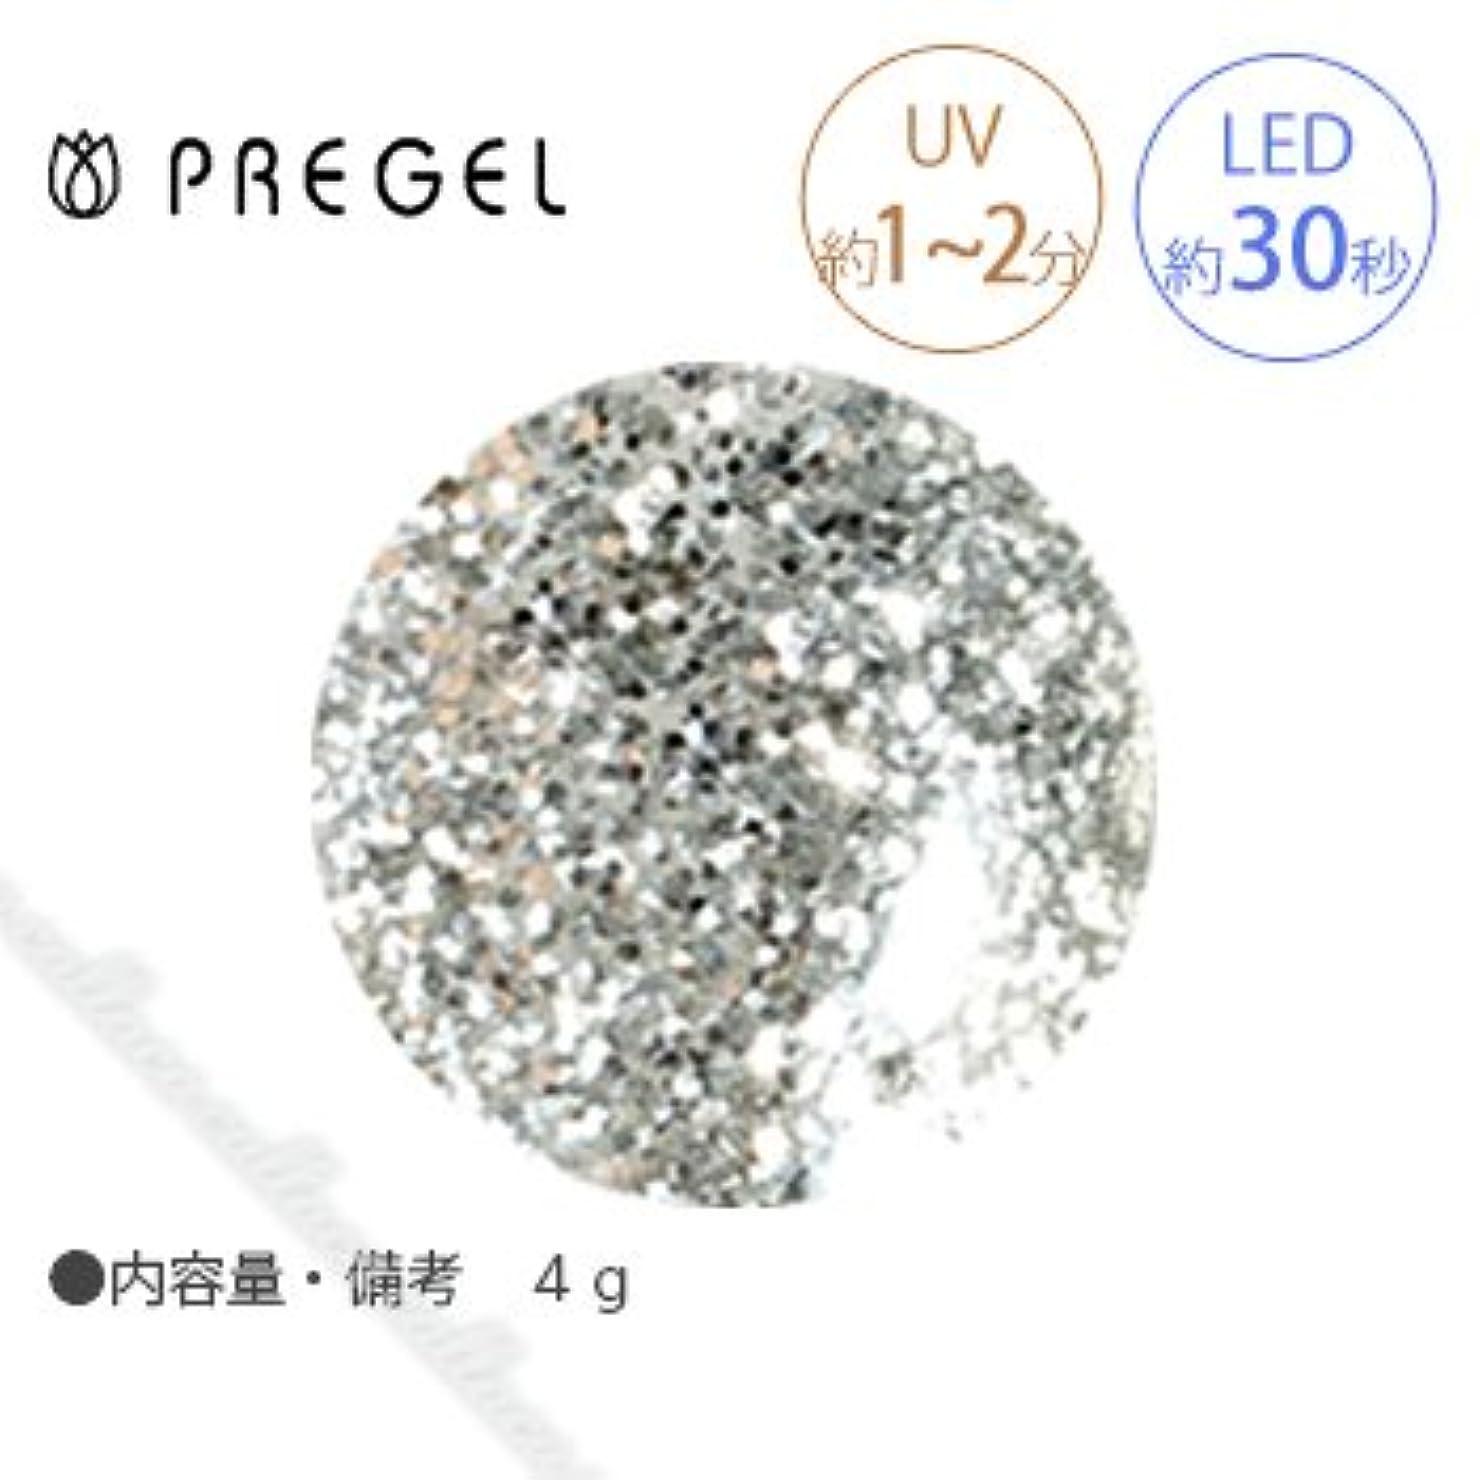 マナールーチンレインコート【PREGEL】 プリジェル カラーEX ダイヤモンドシリーズ ダイヤモンドシルバー PG-CE400 4g